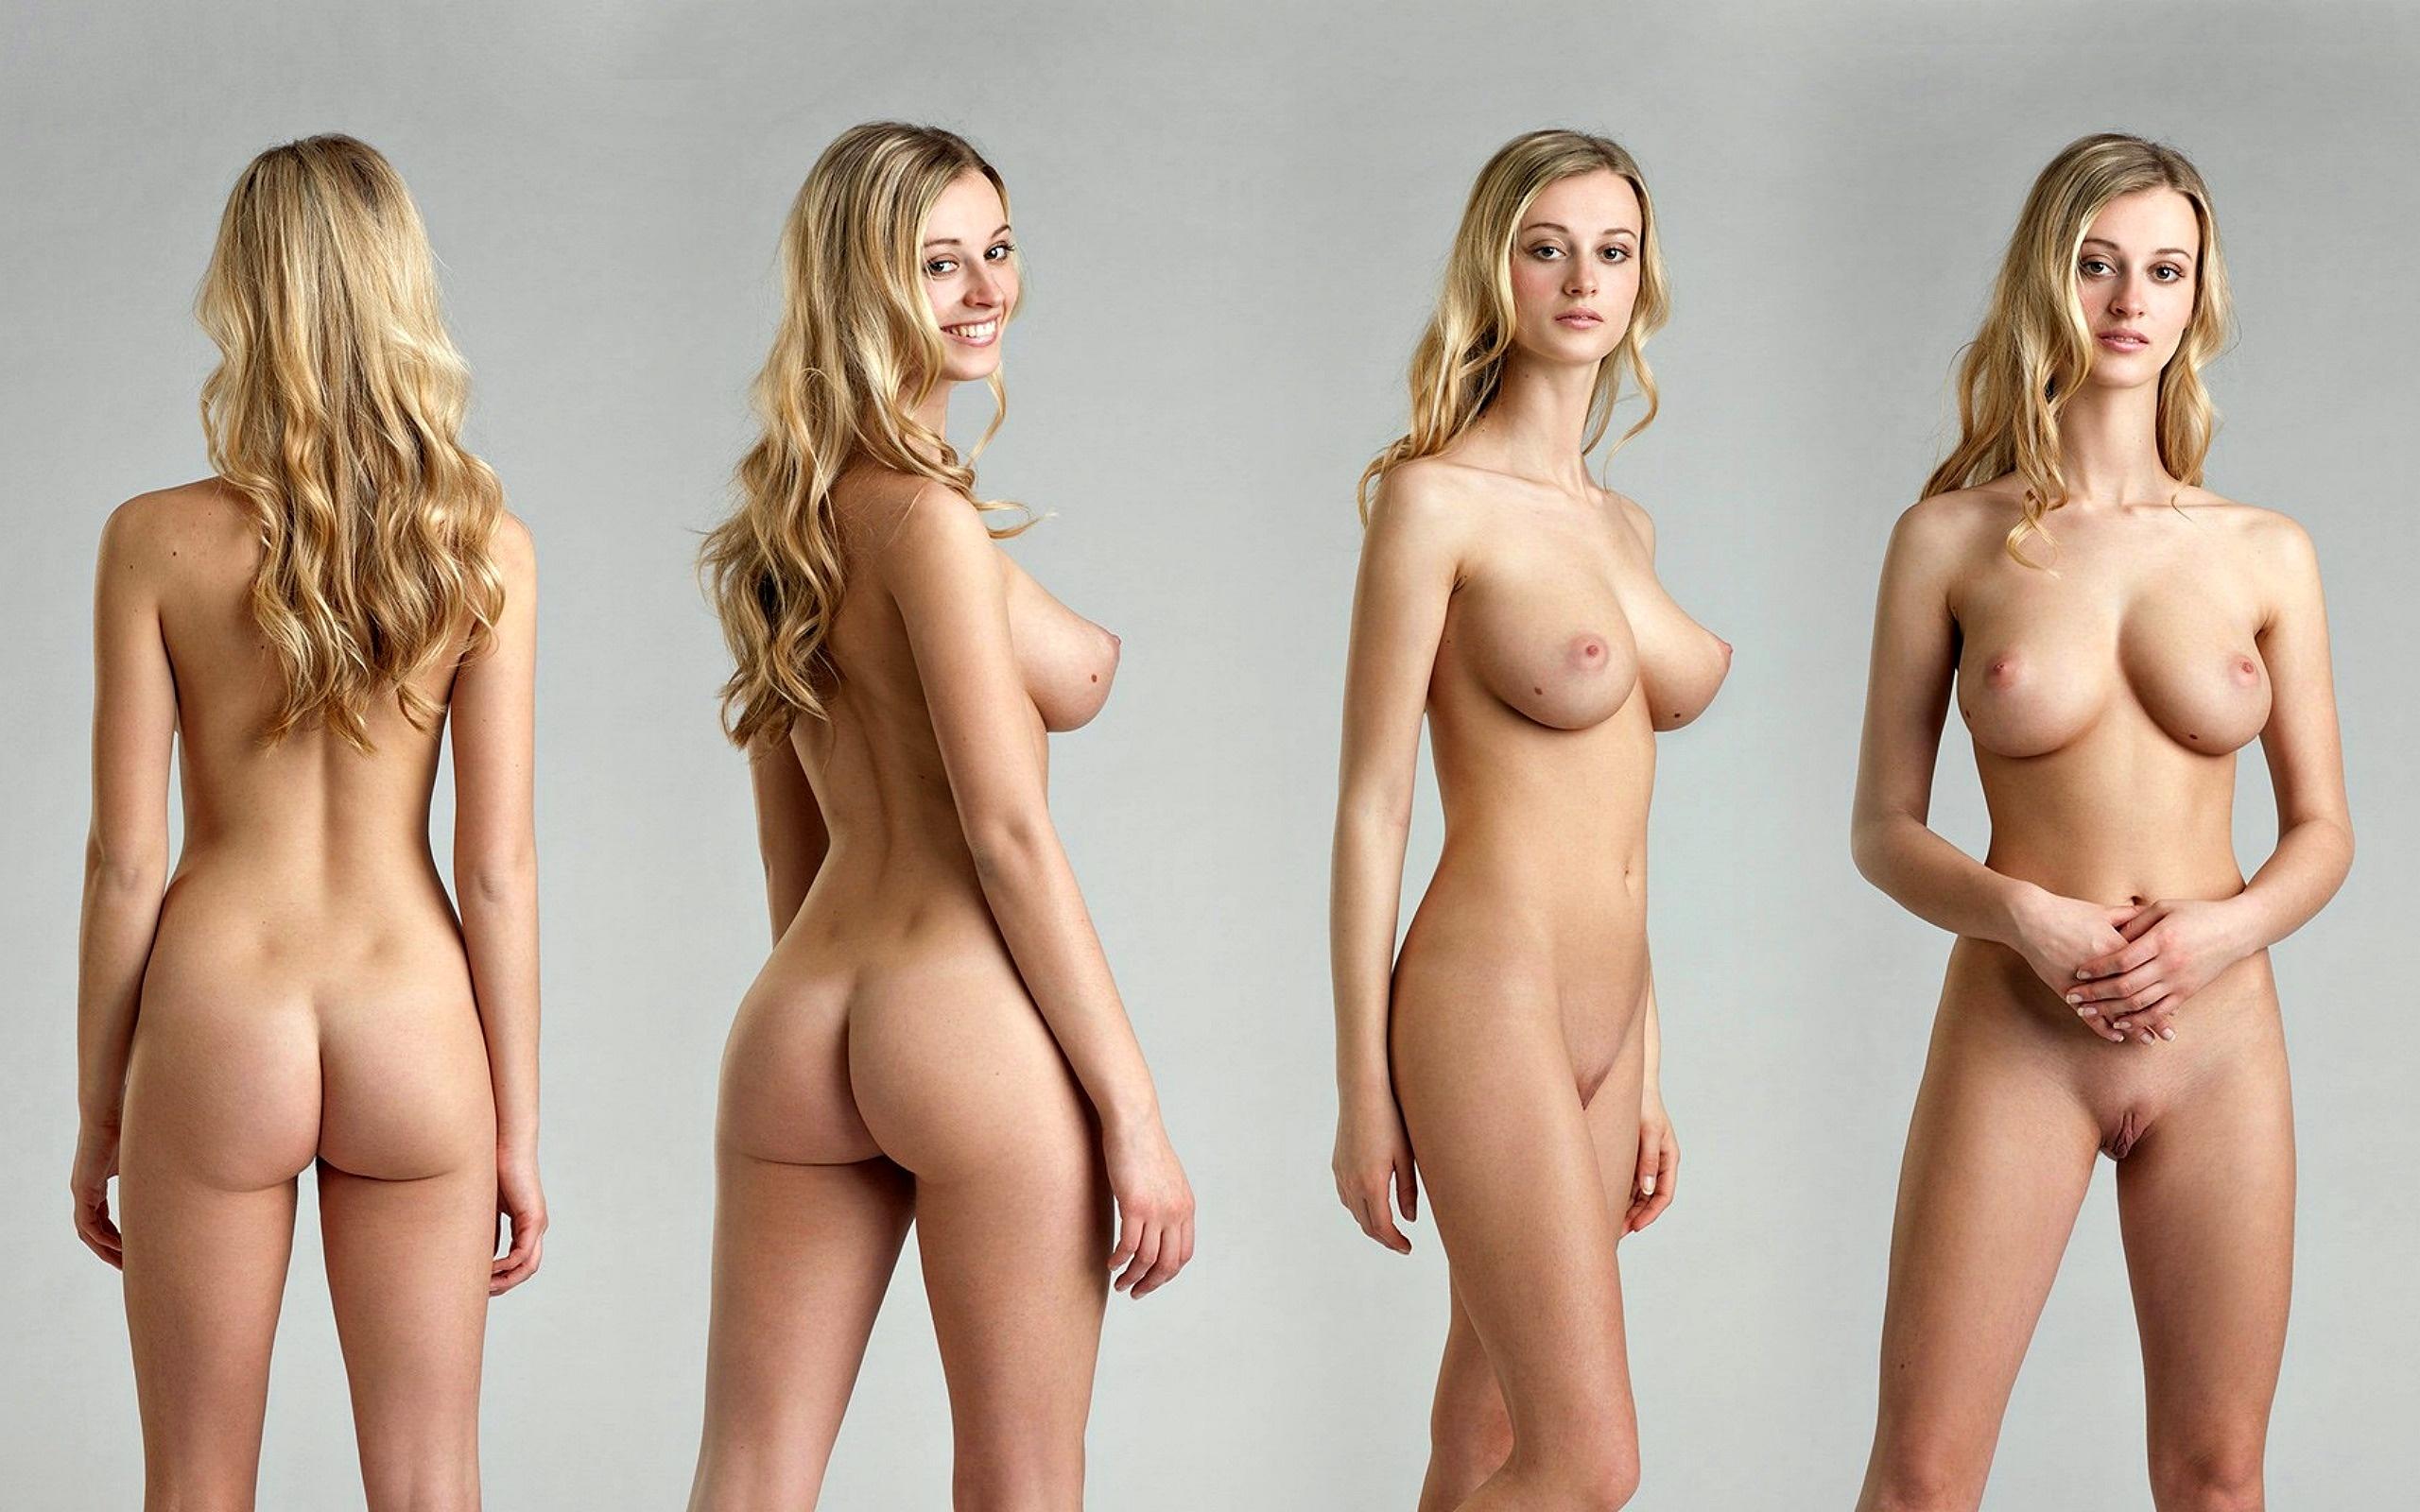 Фото девушек 18 кастинг, Фото девушек в разных ракурсах в порно кастинге 24 фотография